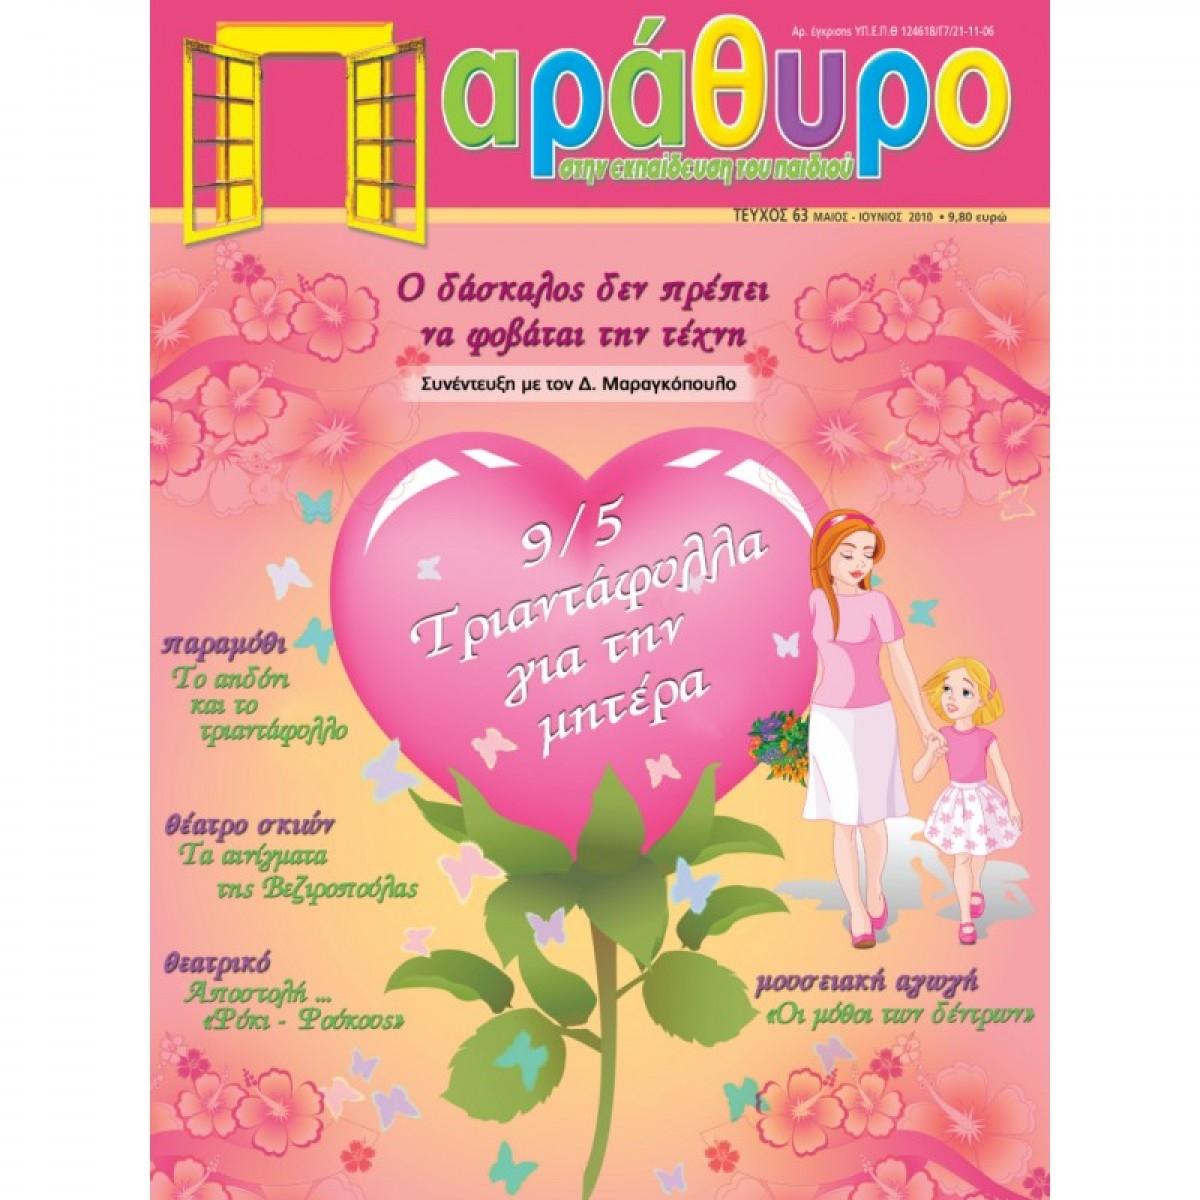 ΠΑΡΑΘΥΡΟ ΤΕΥΧΟΣ 63 Περιοδικό Παράθυρο